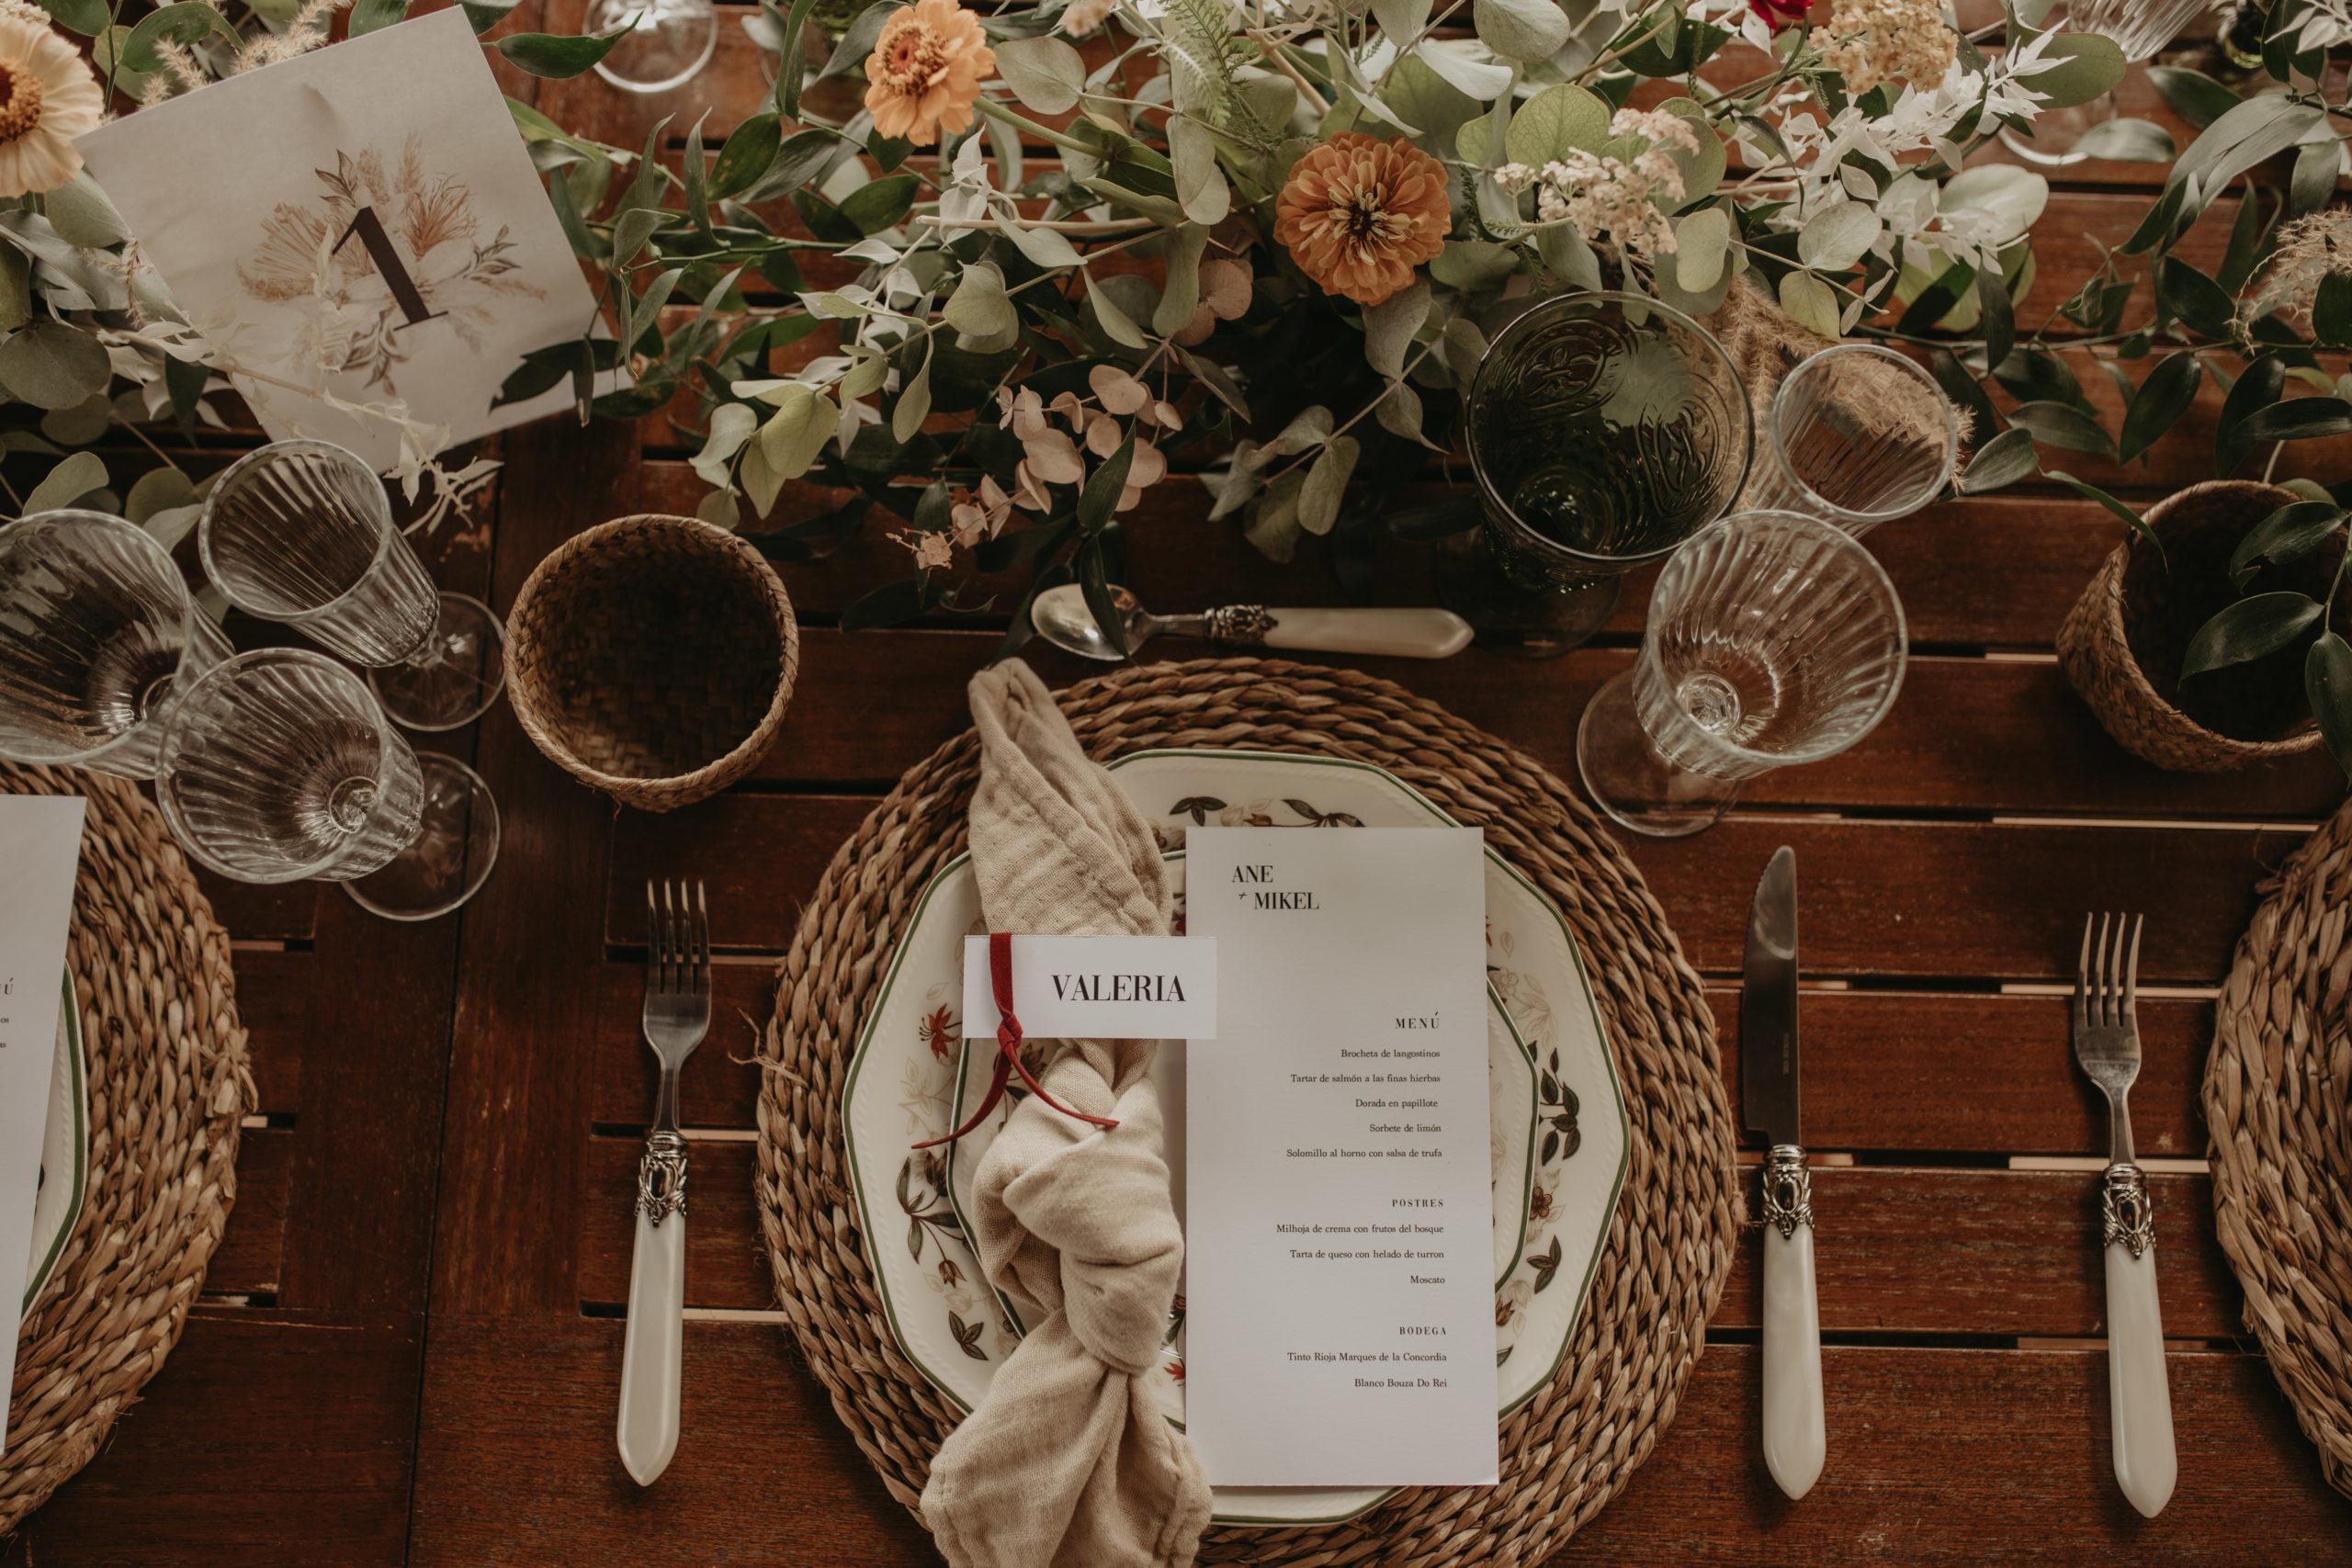 Bajoplato, vajilla, cubertería, copas y decoración floral en un banquete de boda